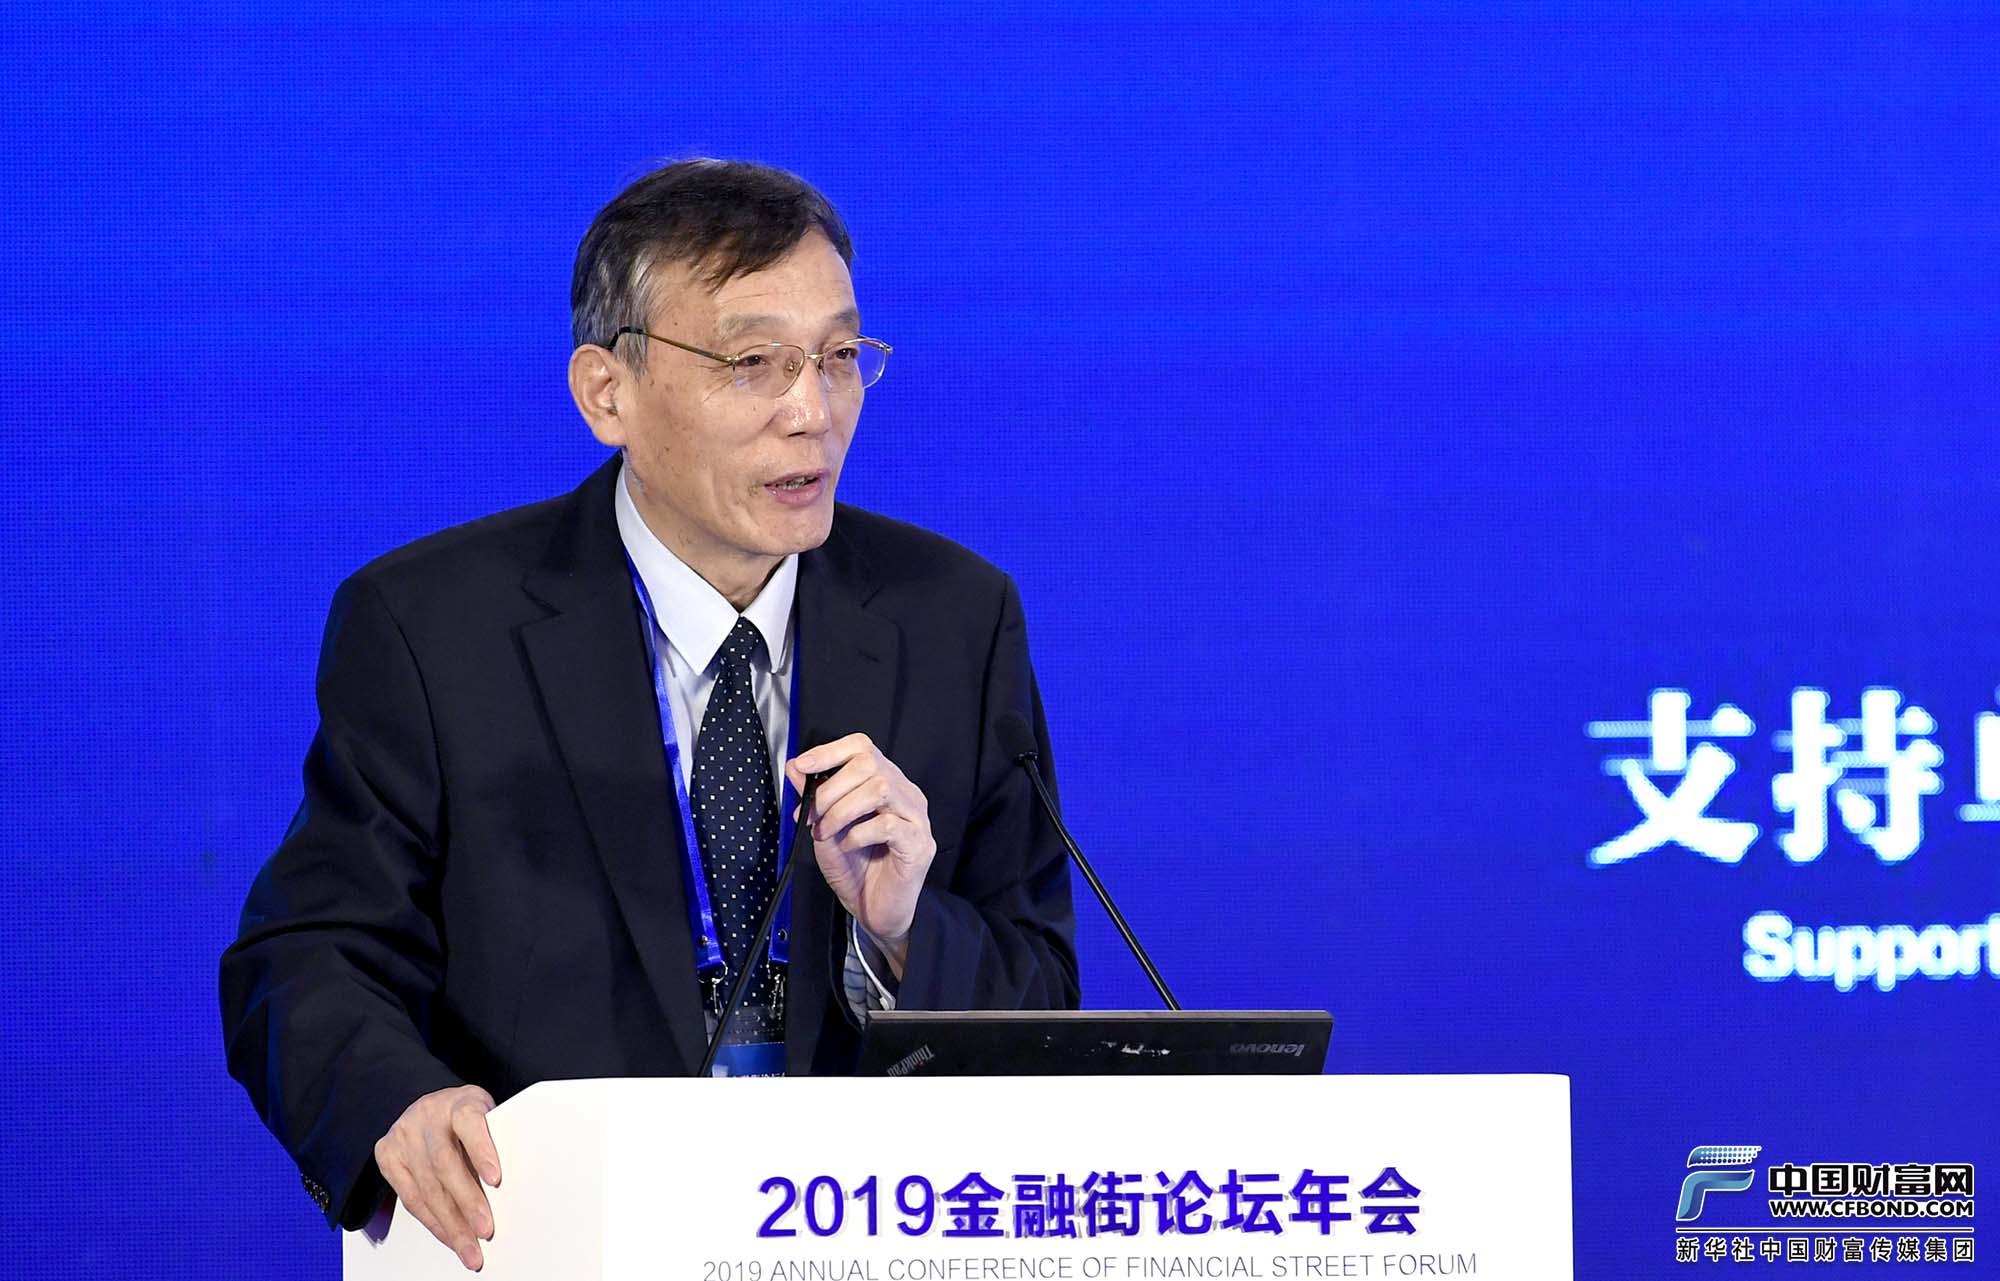 发言嘉宾:全国政协经济委员会副主任刘世锦